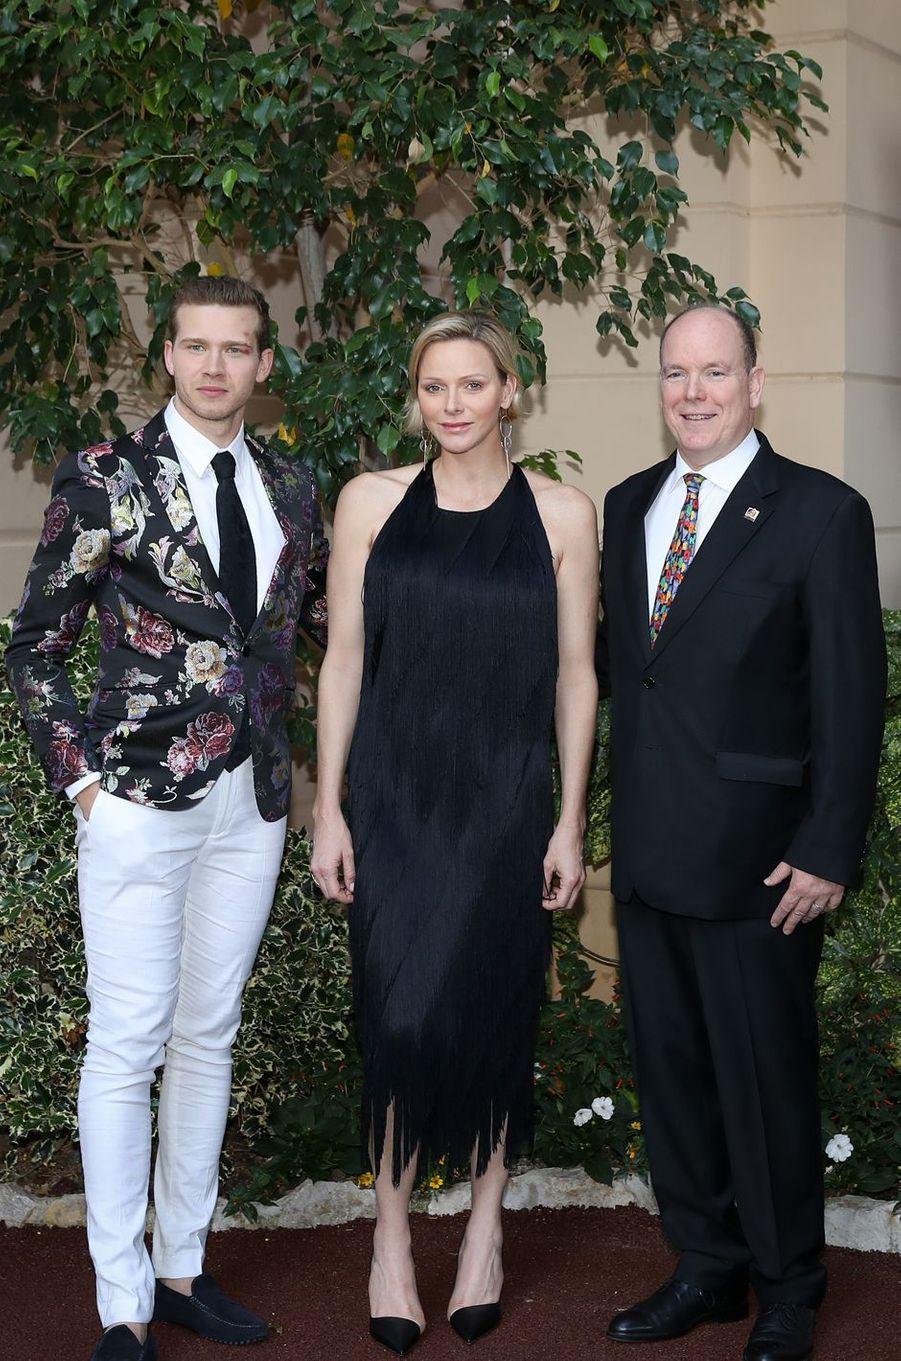 La princesse Charlène et le prince Albert II de Monaco avec Oliver Stark, à Monaco le 16 juin 2019